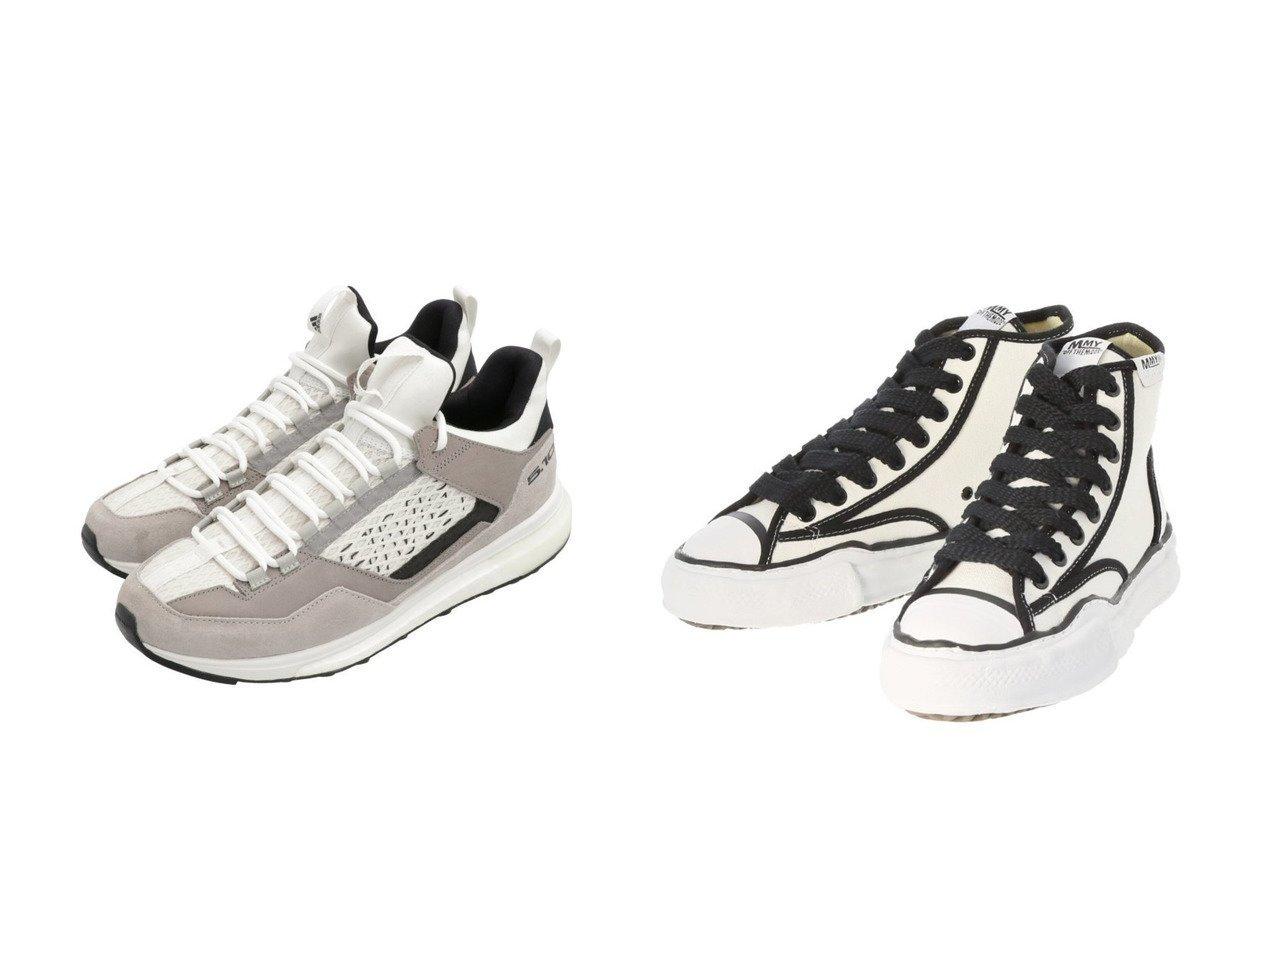 【adidas Sports Performance / MEN/アディダス スポーツ パフォーマンス】のファイブテン ファイブテニー DLX アプローチ [Five Ten Five Tennie DLX Approach] アディダス&【around the shoes / MEN/アラウンドザシューズ】のメゾンミハラヤスヒロ/MaisonMIHARAYASUHIROハイカットスニーカー 【MEN】男性のおすすめ!人気、メンズファッションの通販 おすすめで人気のファッション通販商品 インテリア・家具・キッズファッション・メンズファッション・レディースファッション・服の通販 founy(ファニー) https://founy.com/ ファッション Fashion メンズ MEN シューズ・靴 Shoes Men スニーカー Sneakers クッション シューズ スニーカー スポーツ スリッポン フィット ミックス メッシュ ランニング レギュラー 軽量 コレクション 定番 パイピング ワーク 秋冬 A/W Autumn/ Winter |ID:crp329100000003913